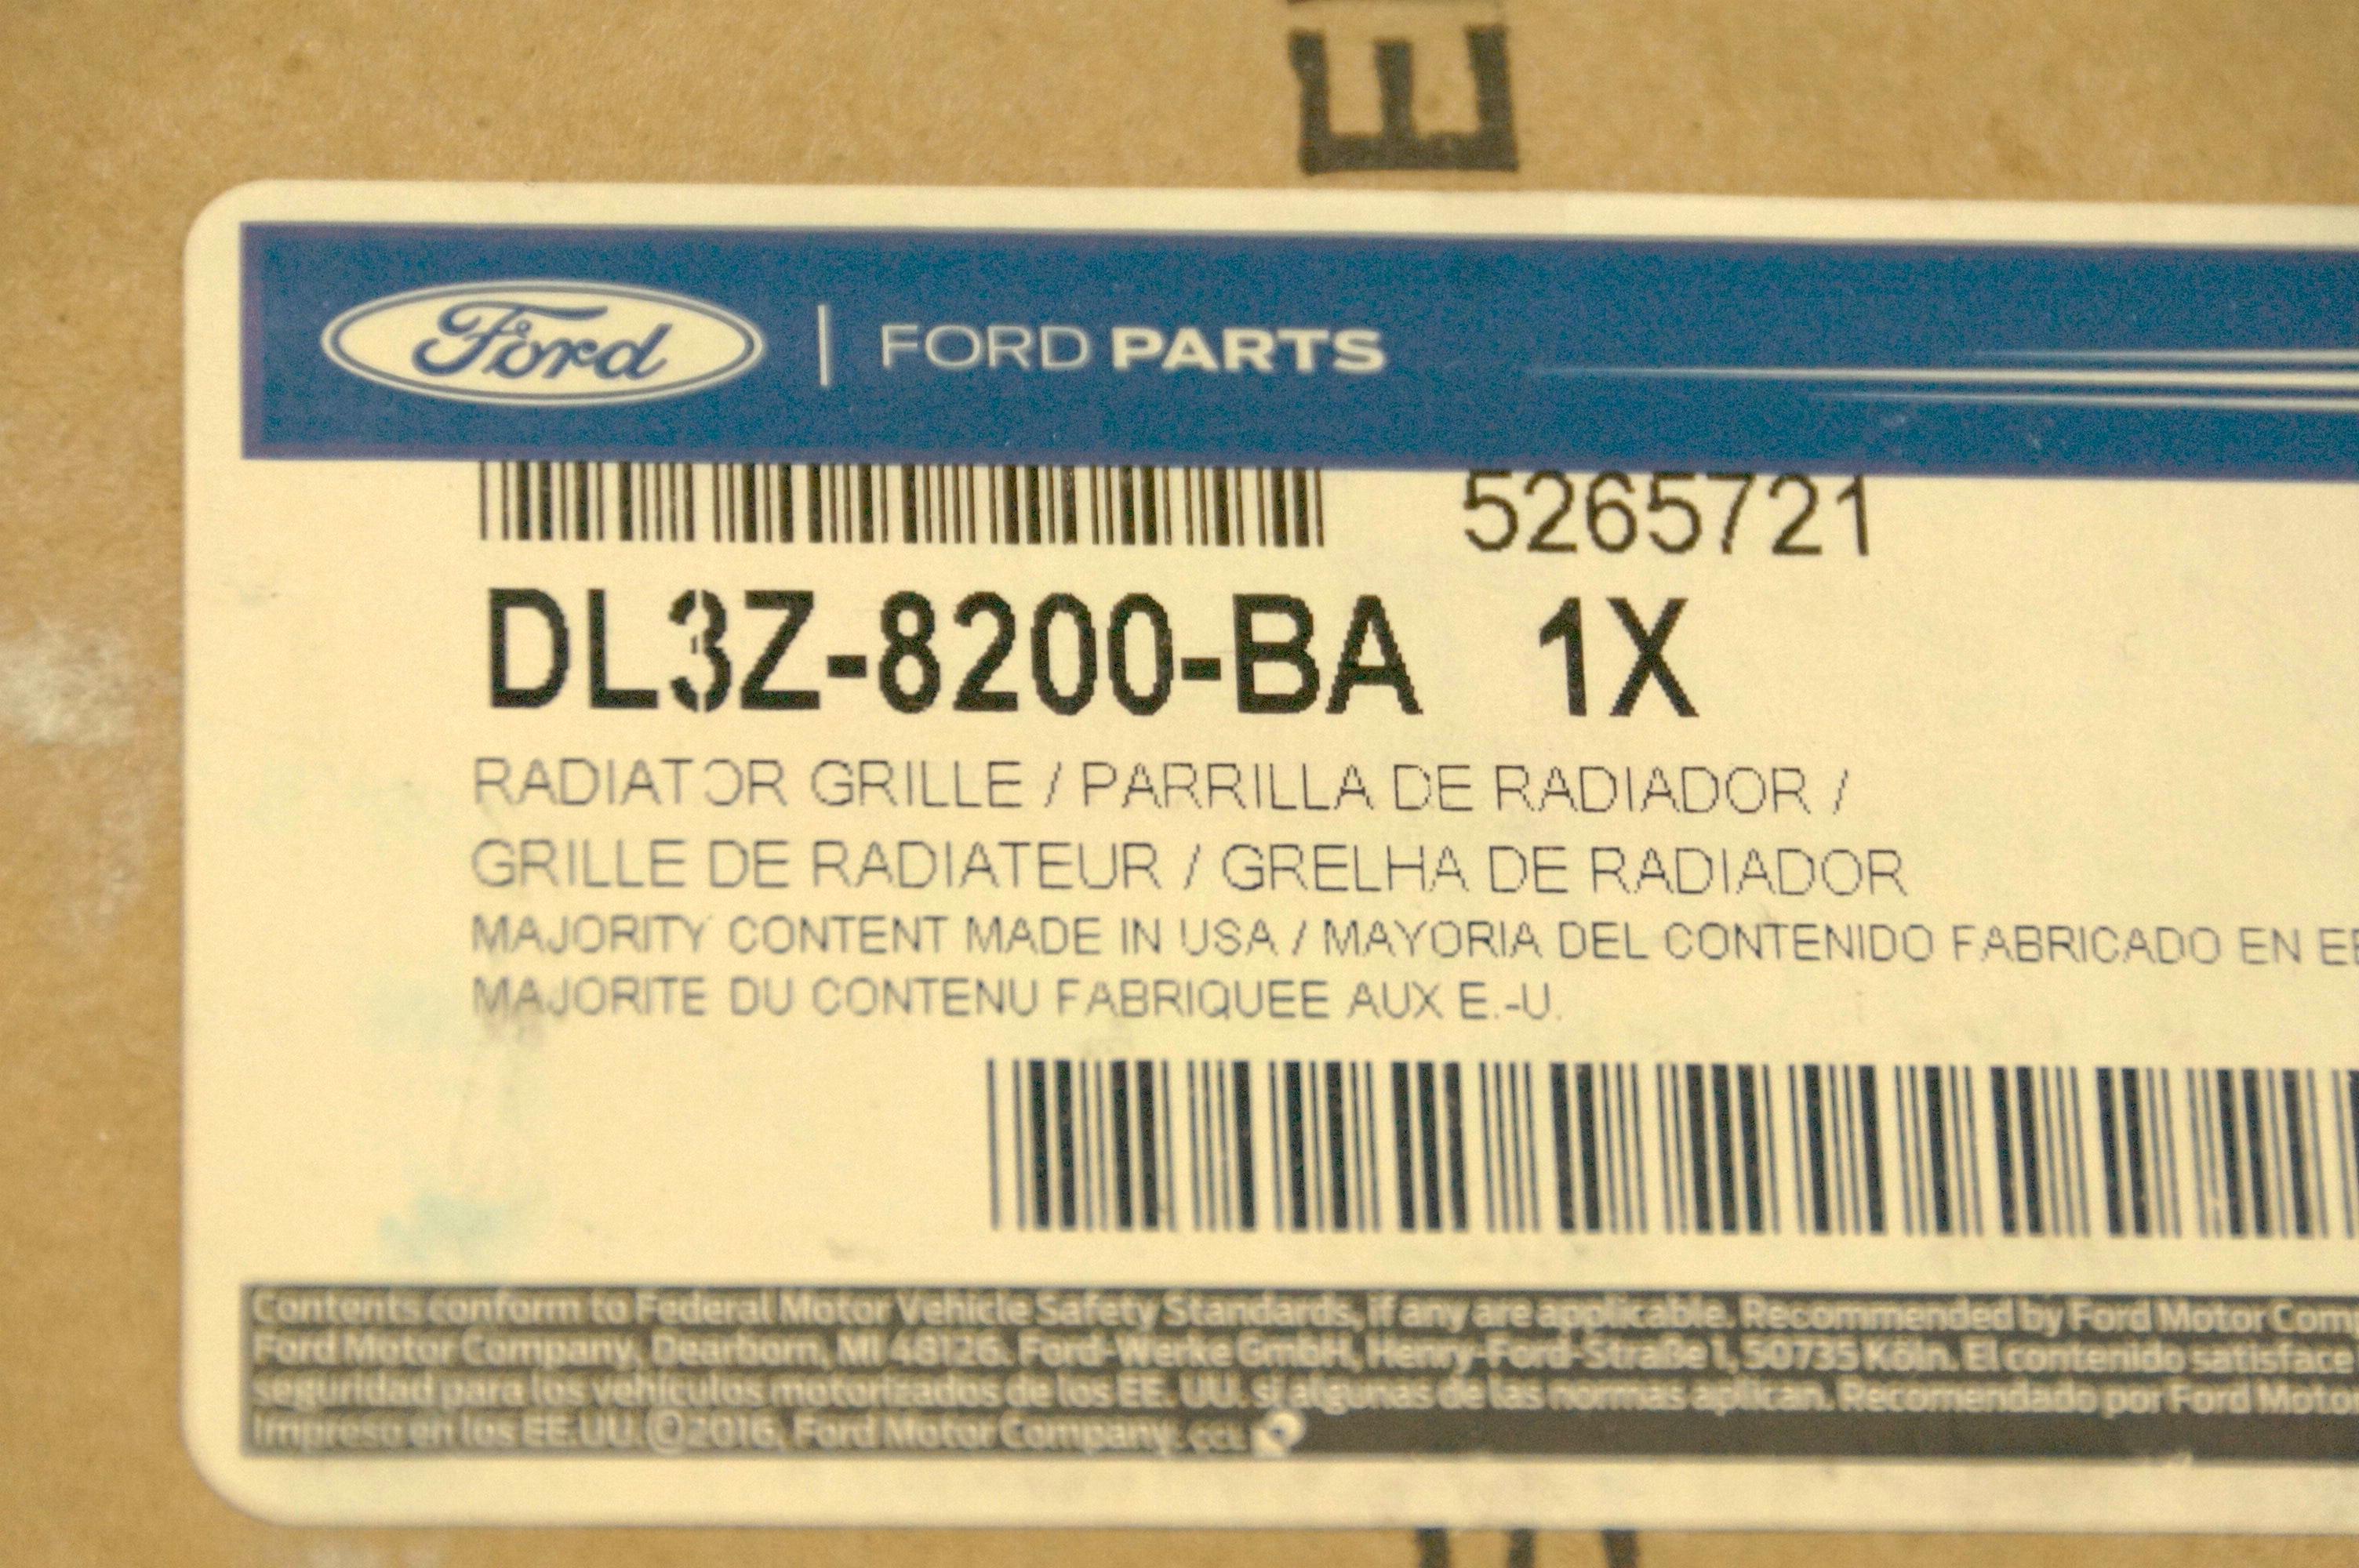 New Genuine OEM DL3Z8200BA Ford Front Grille Assembly w/ Emblem 09-14 F-150 XLT - image 12